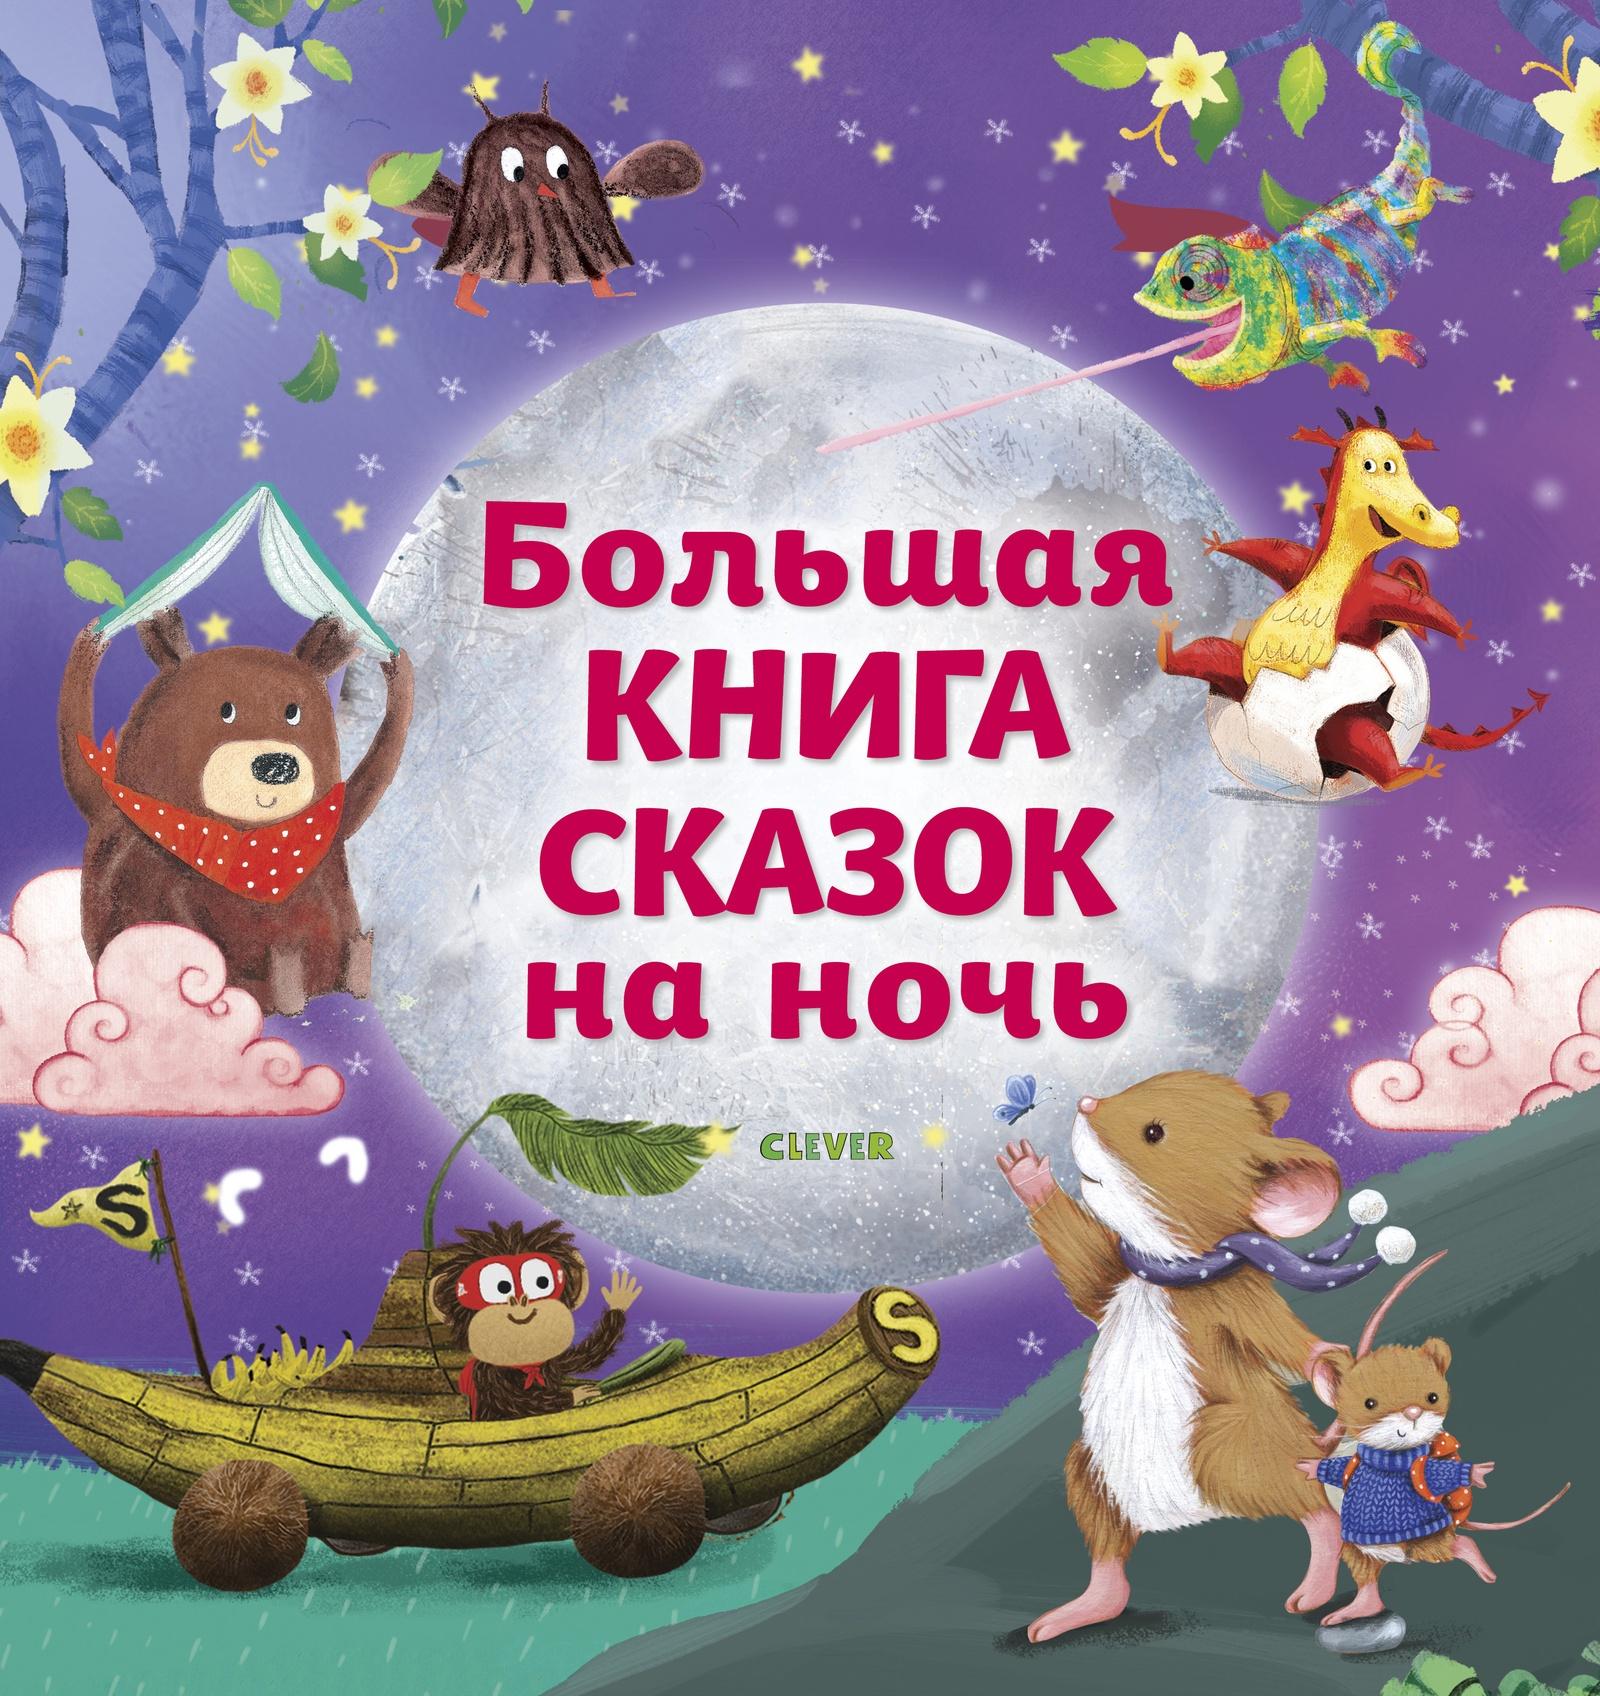 Посмотреть книгу с картинками детскую